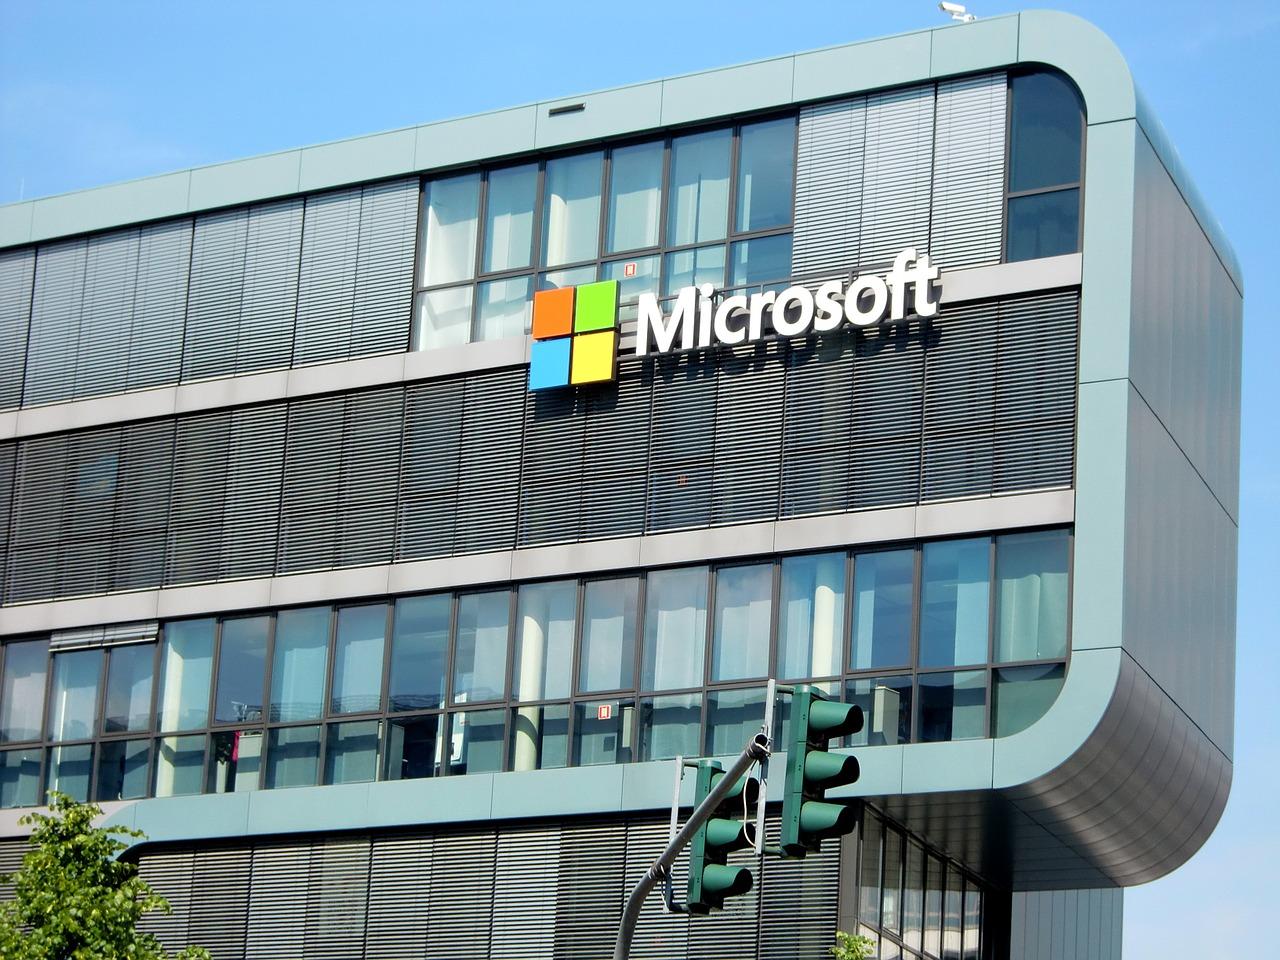 Microsoft nudi besplatne online kurseve